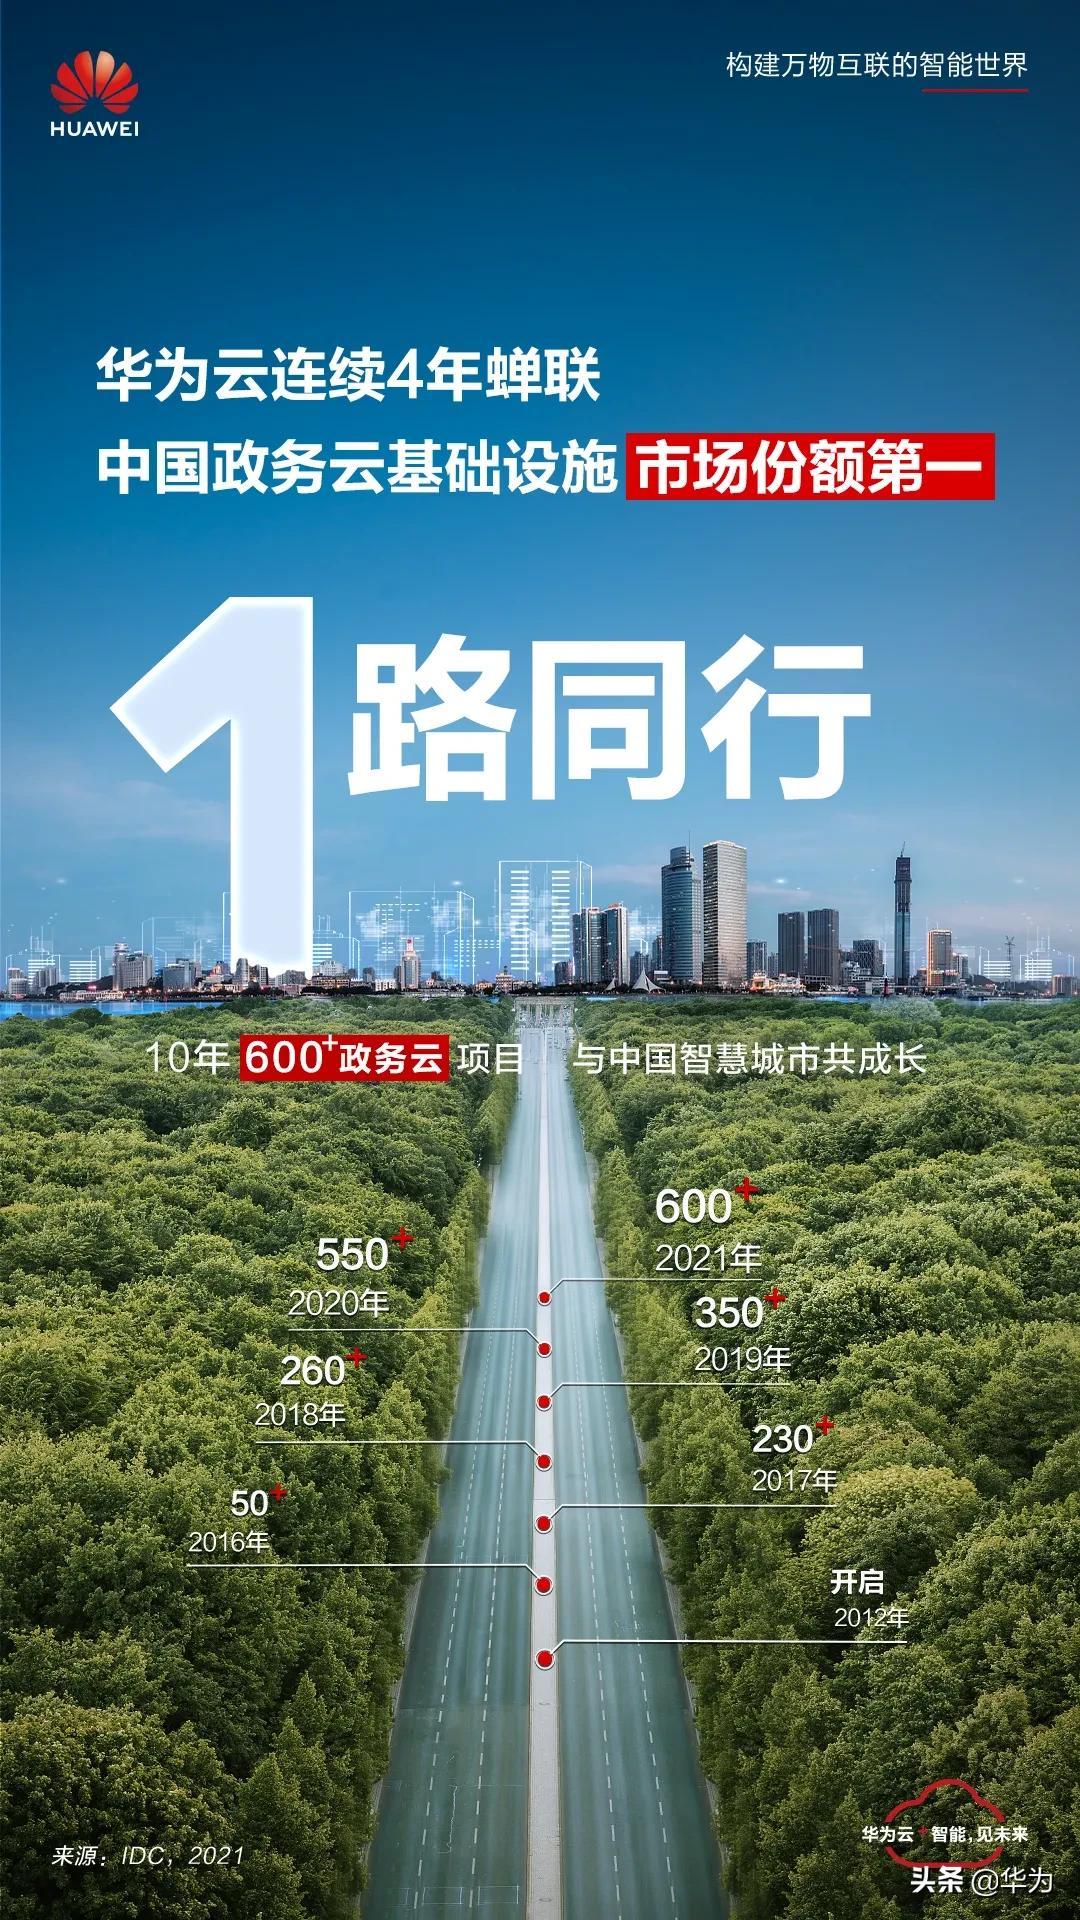 华为云连续4年蝉联中国政务云基础设施市场份额第一